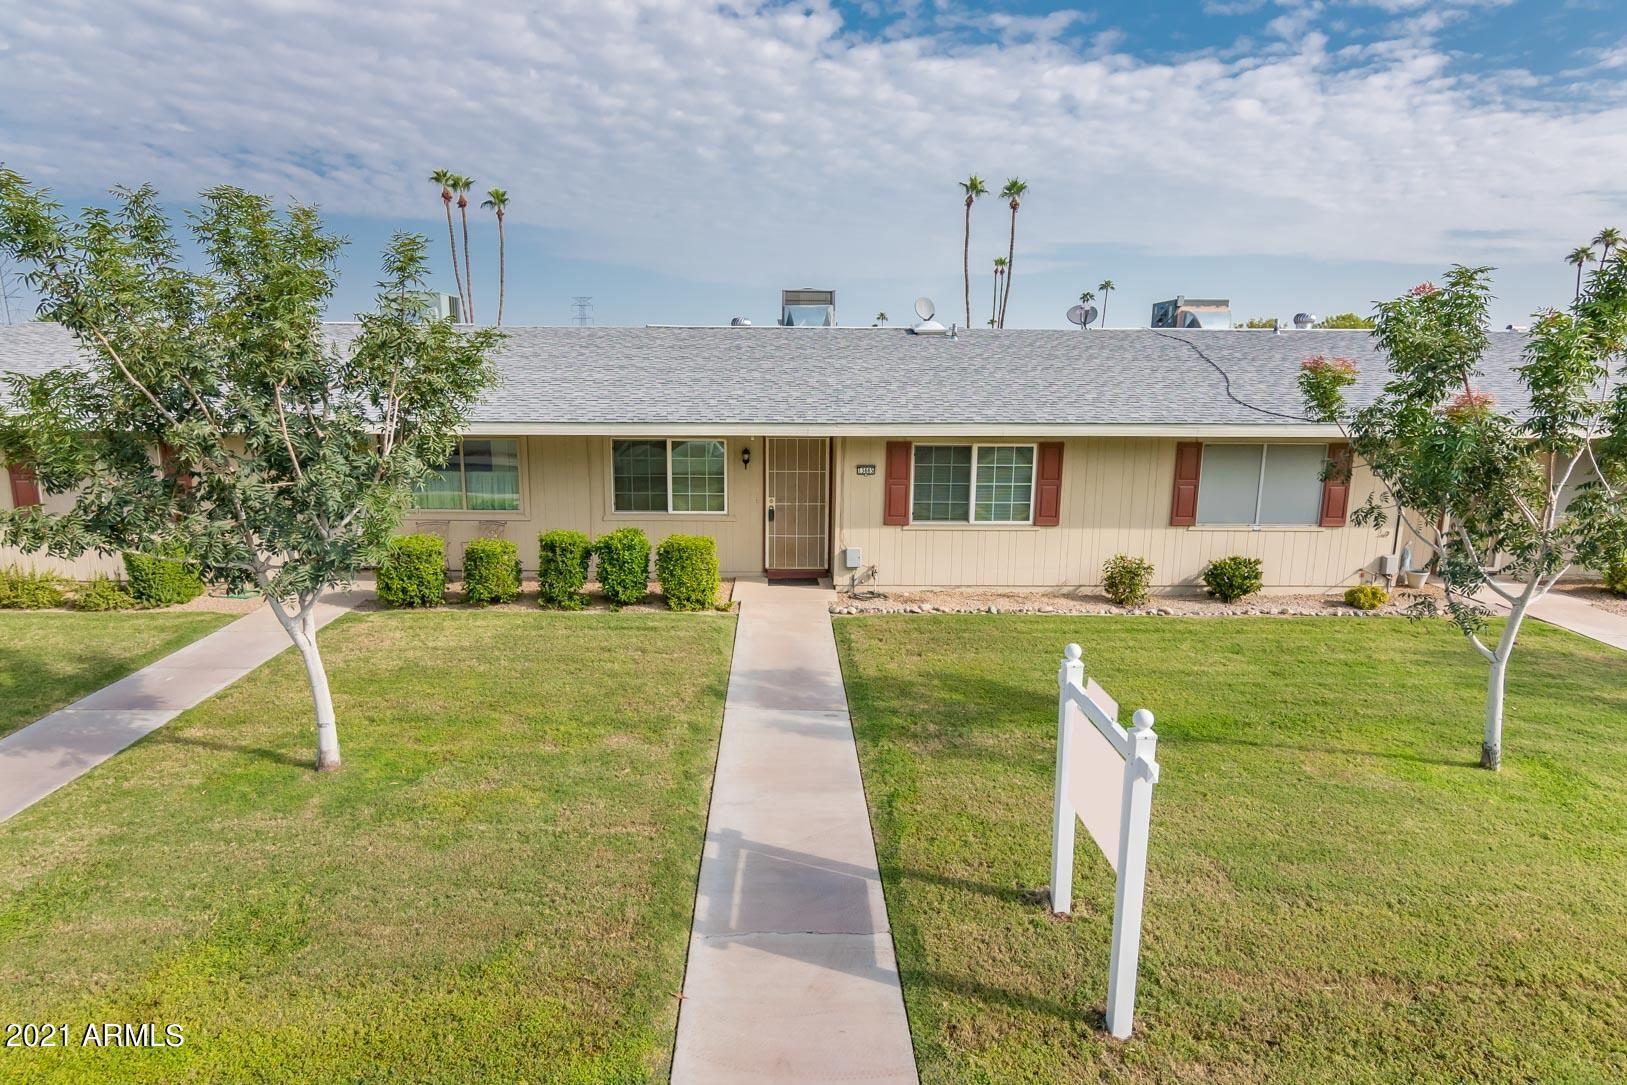 Photo of 13665 N GARDEN COURT Drive, Sun City, AZ 85351 (MLS # 6295037)